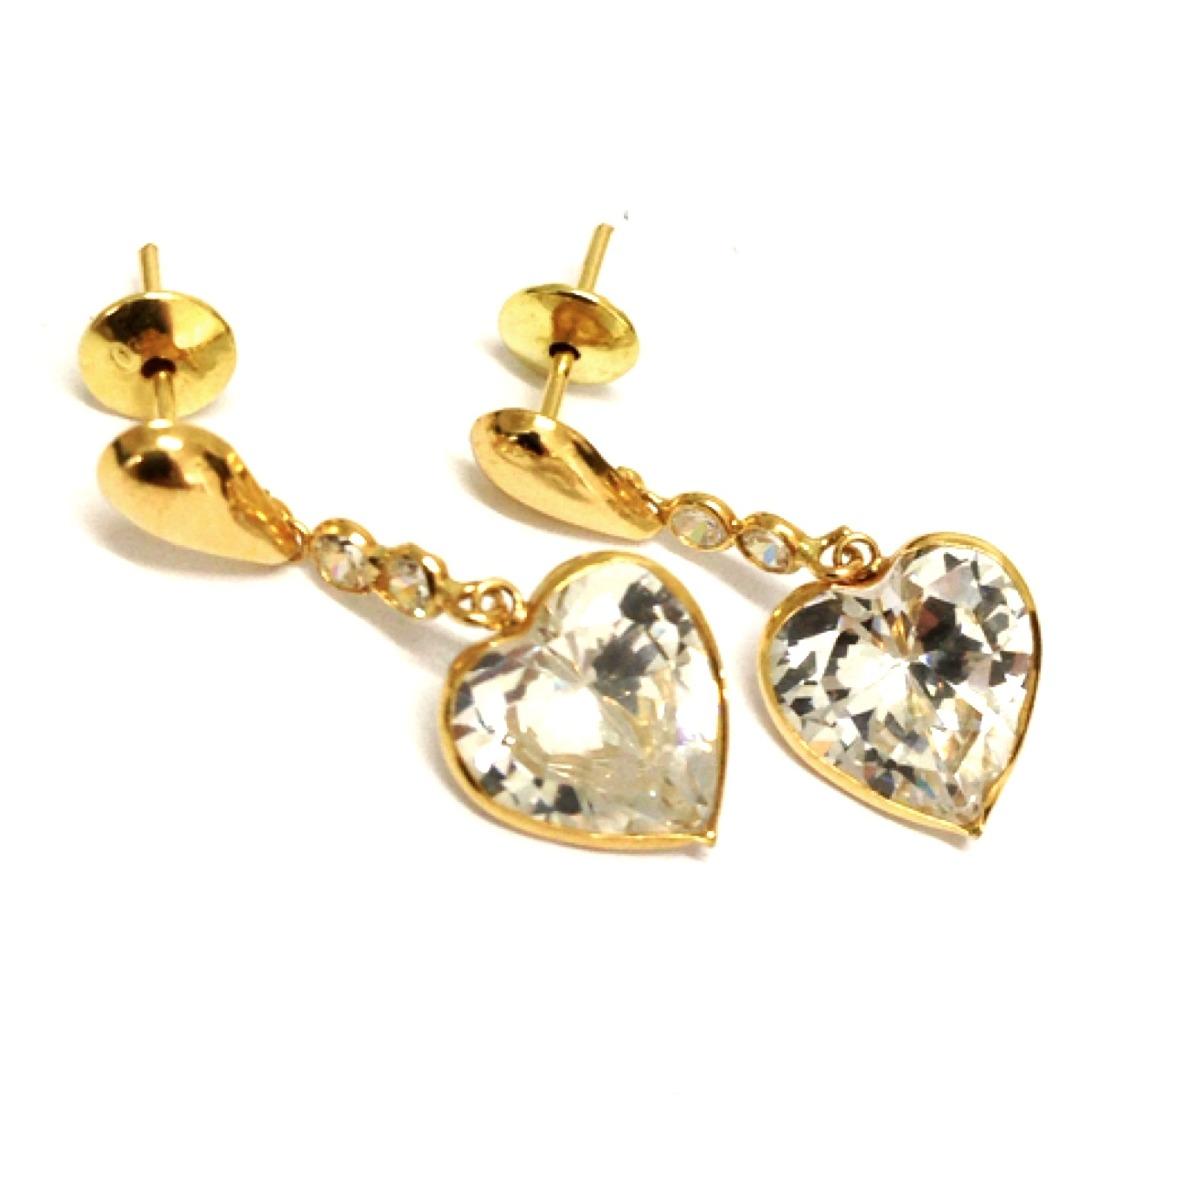 4033f3ed2e90c brincos coração pedra transparente brilhante joia ouro 18k. Carregando zoom.